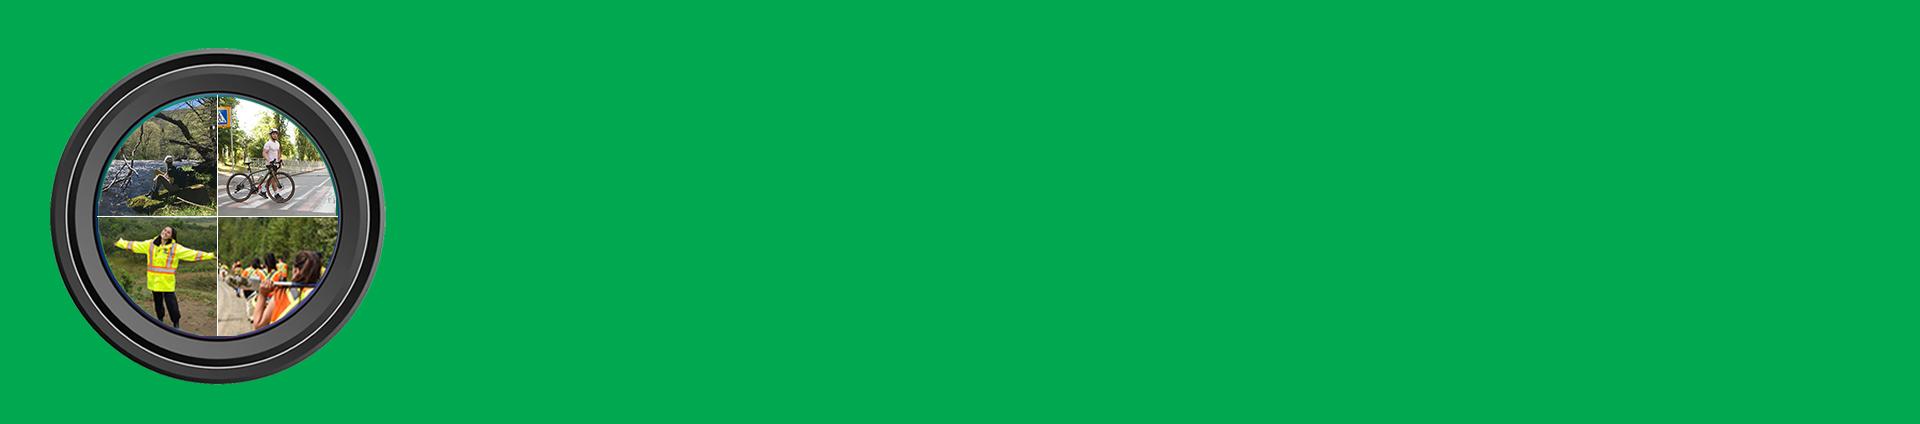 green slider background